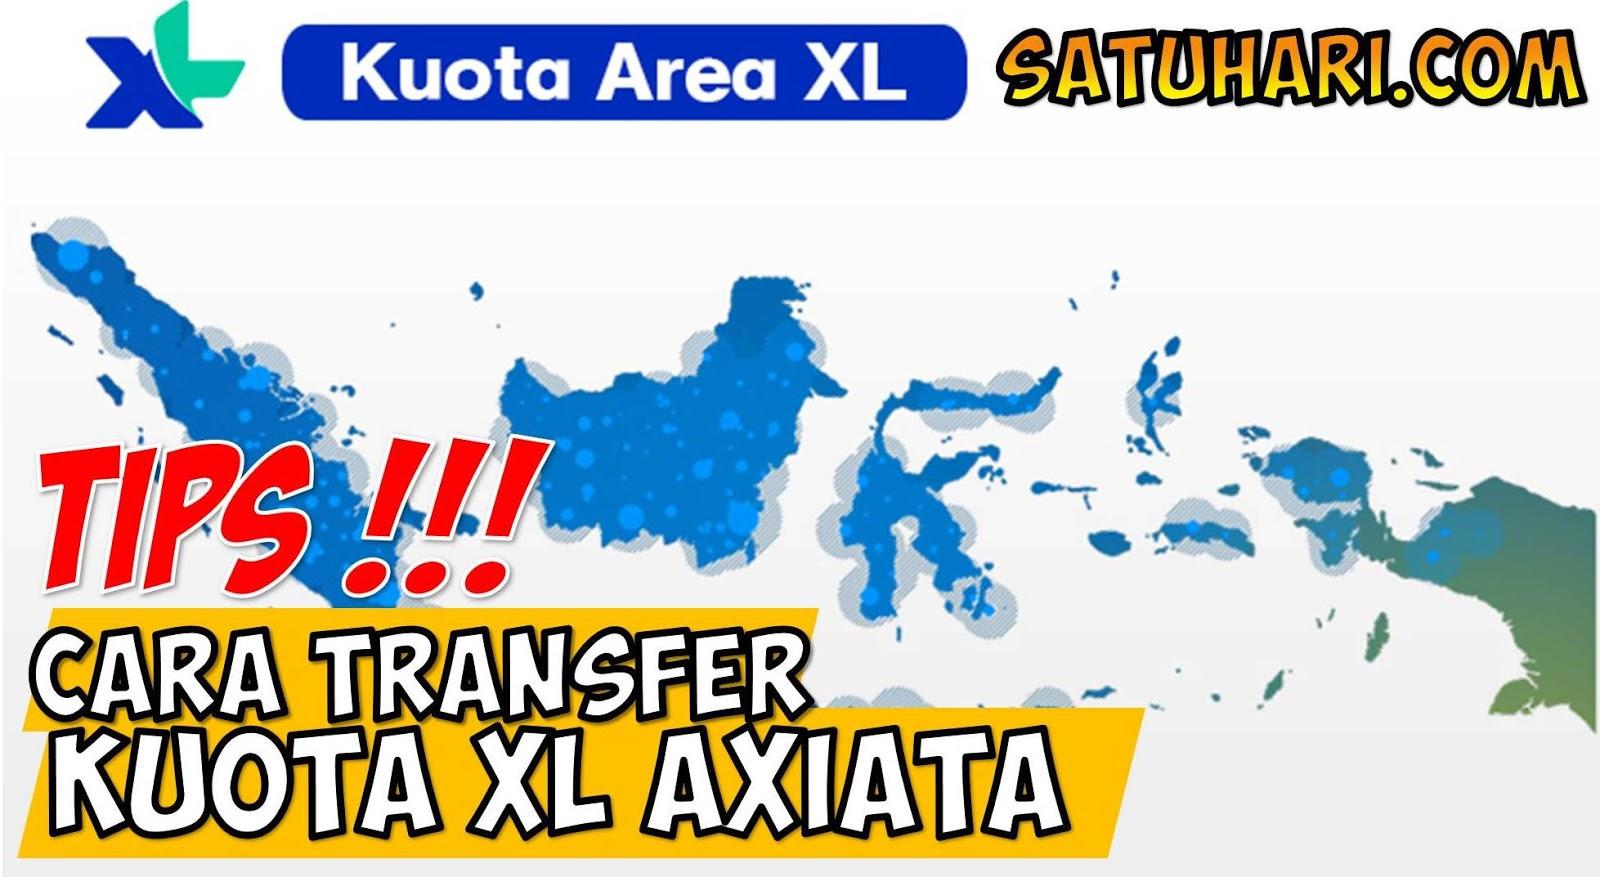 Cara transfer pulsa indosat ke operator lain dengan menggunakan sms · ketik sms dengan format transferpulsaspasinomorhpspasinominal pulsa. √⊕ BARU- Cara Transfer Kuota Telkomsel Indosat 3 XL Axis ...